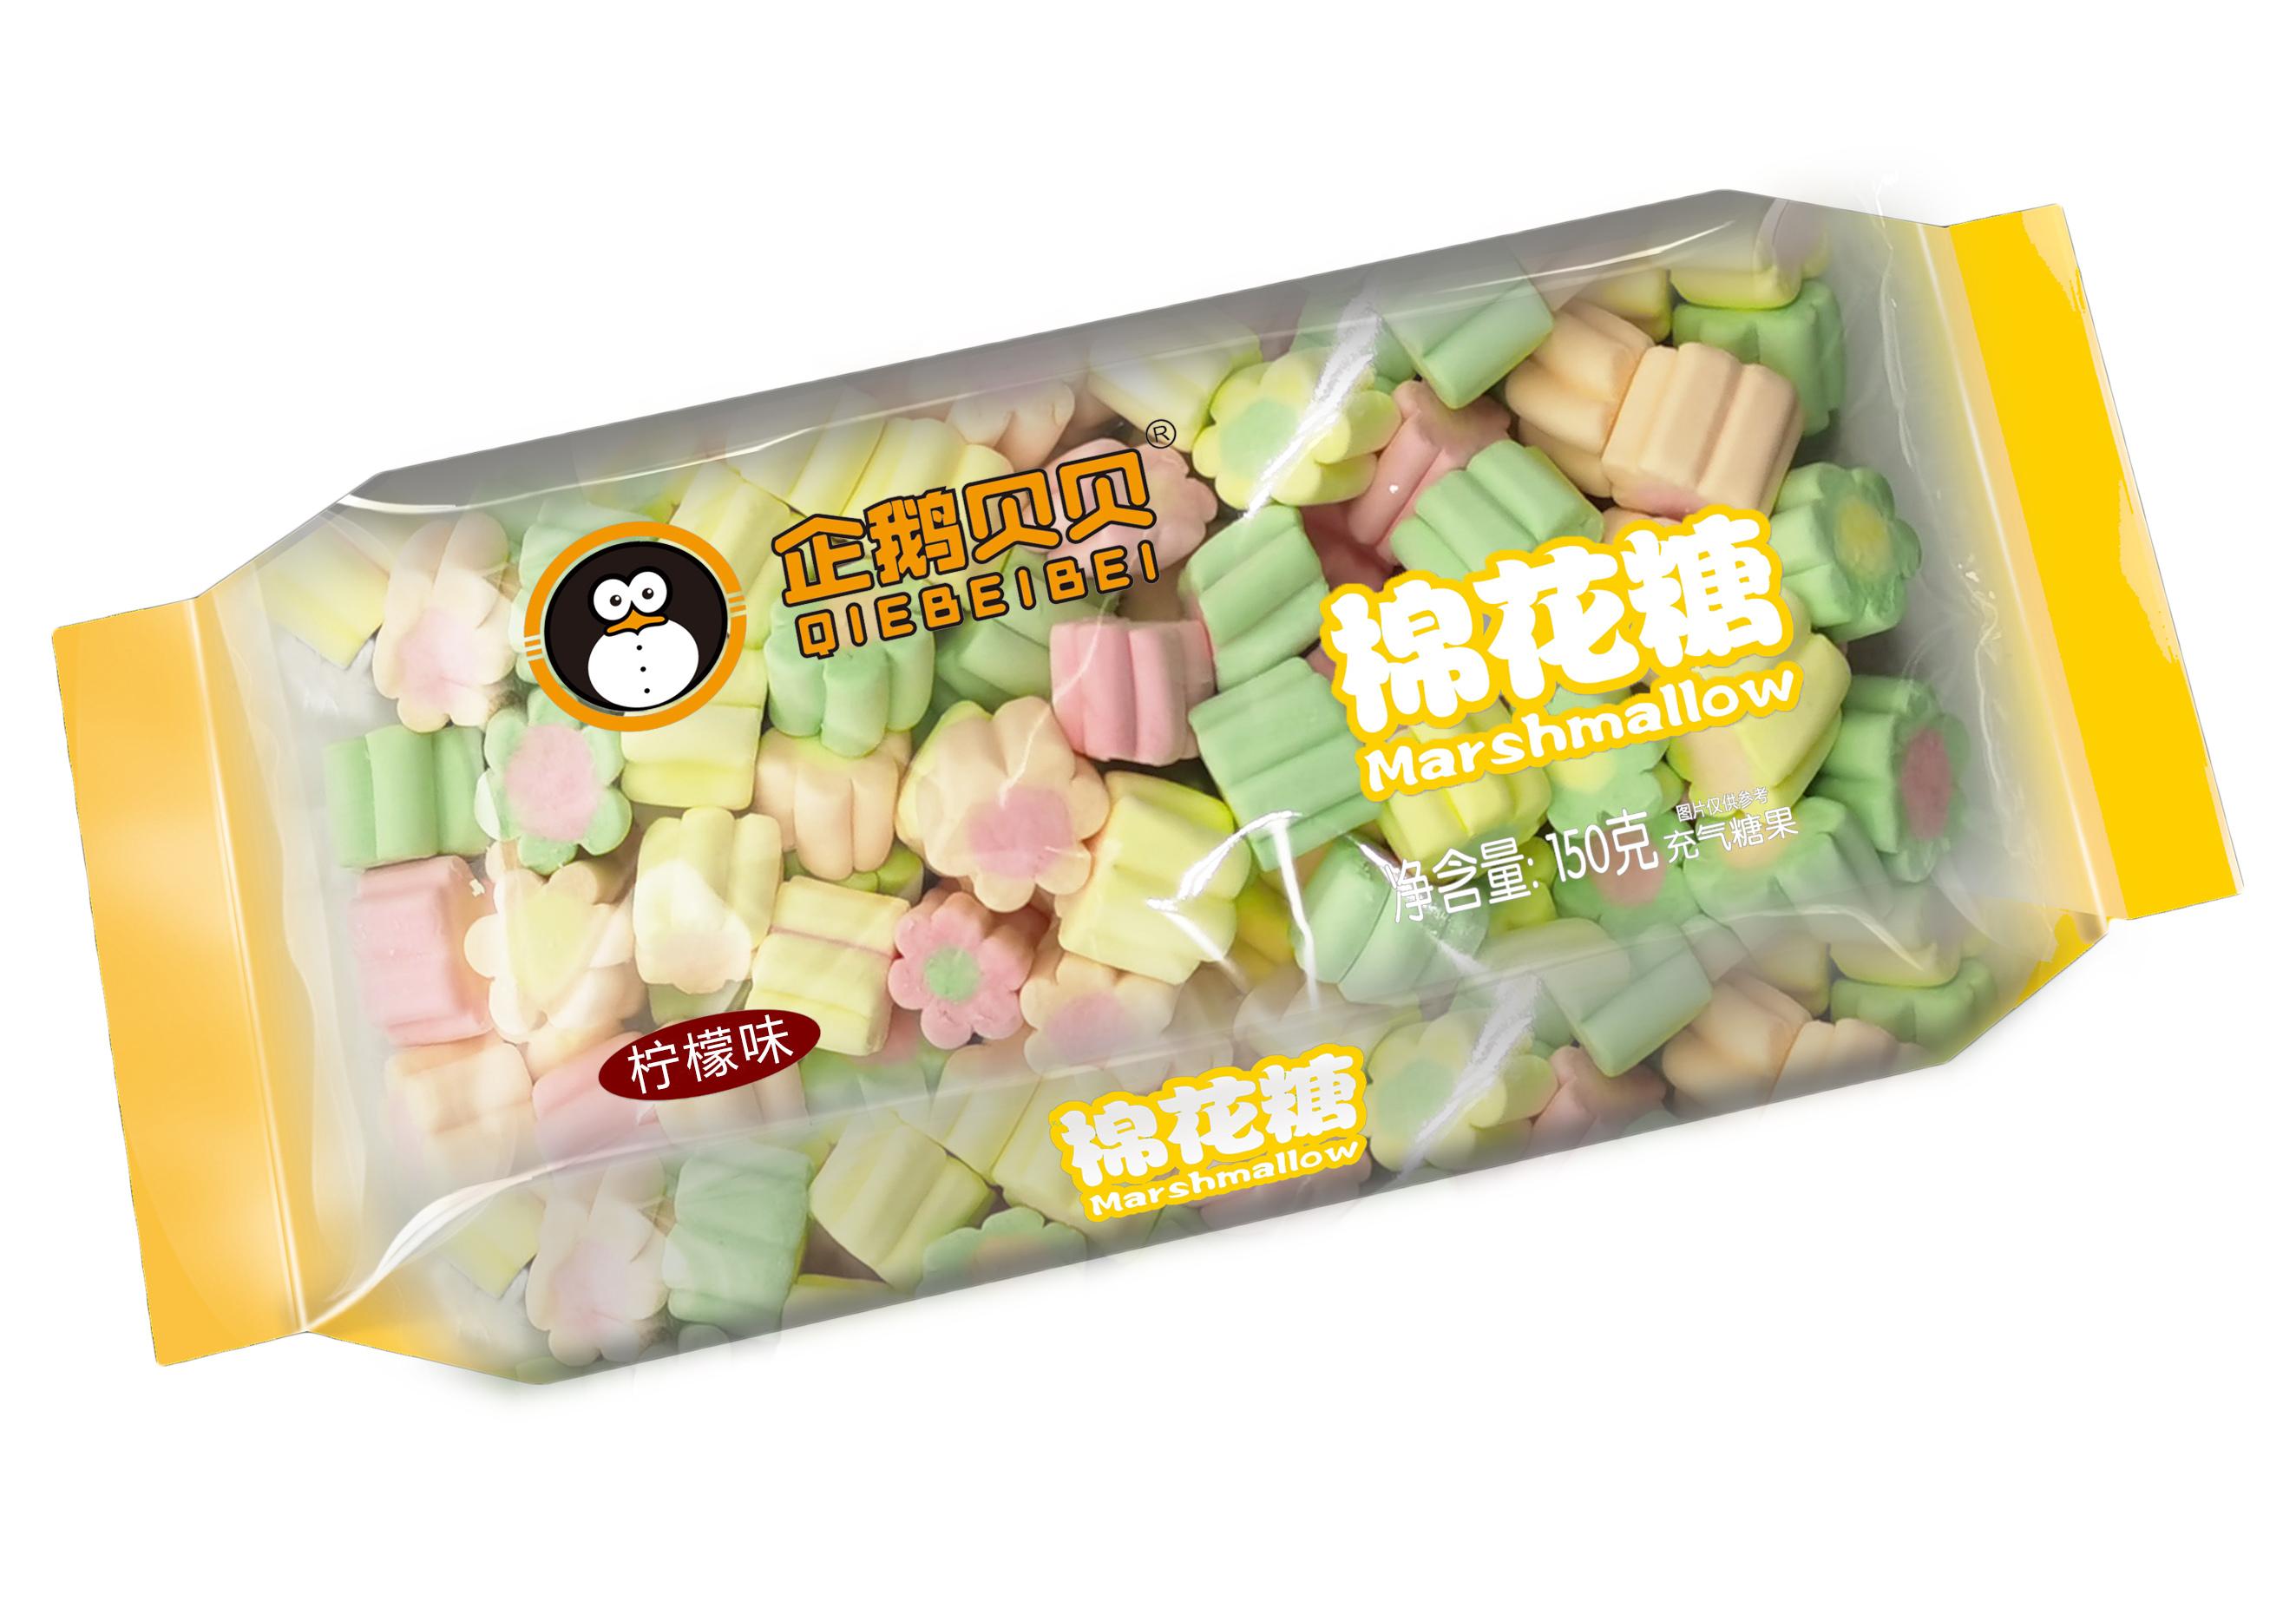 企鹅贝贝150克枕式棉花糖柠檬味